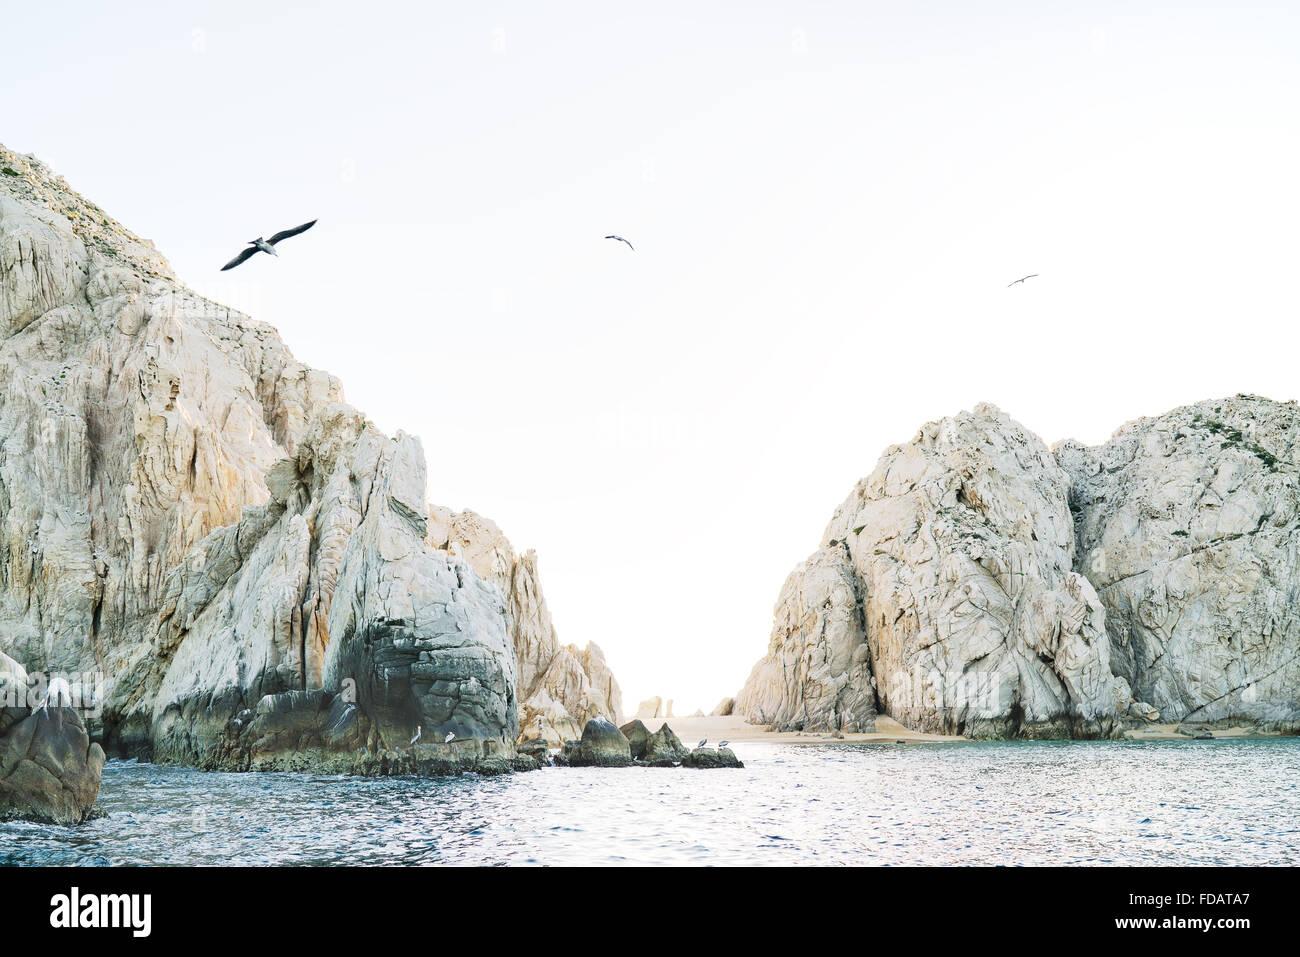 Los pájaros que vuelan sobre el Océano Pacífico y las rocas de Cabo San Lucas, Baja California, México Imagen De Stock